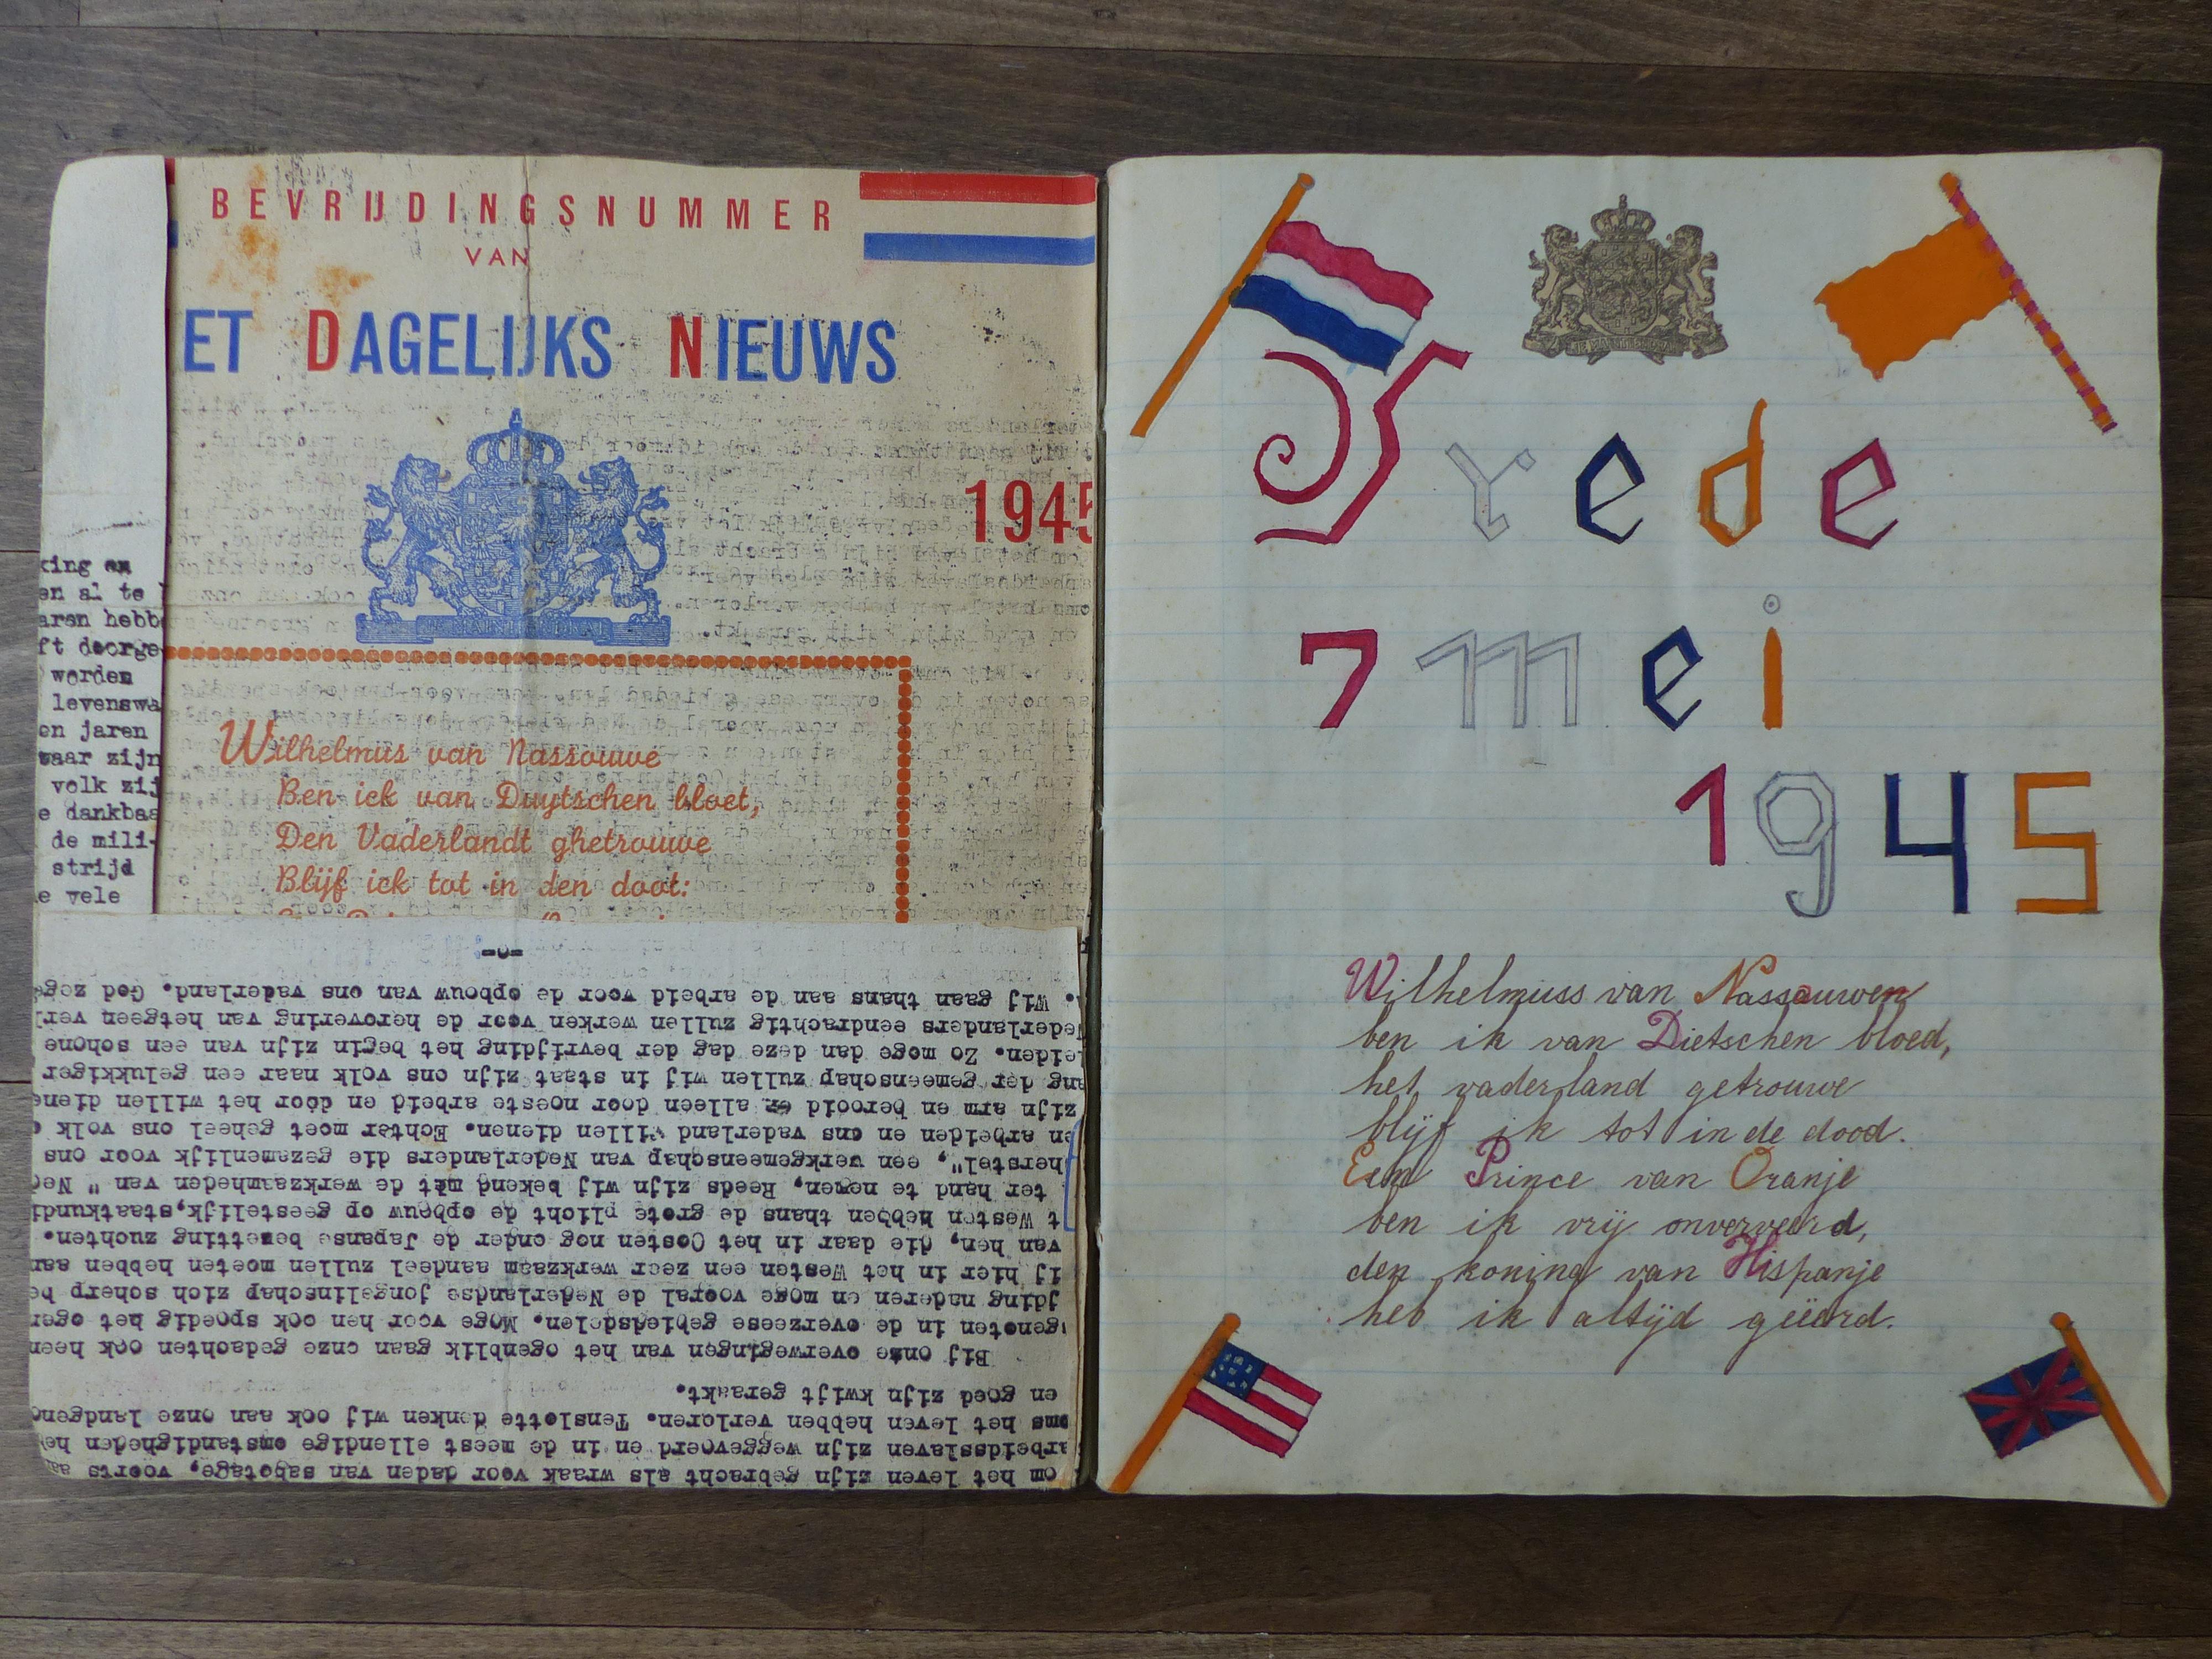 Oorlogsspullen: Rietje sprak nooit over de bevrijding, maar haar zoon vond een schrift vol herinneringen na haar overlijden